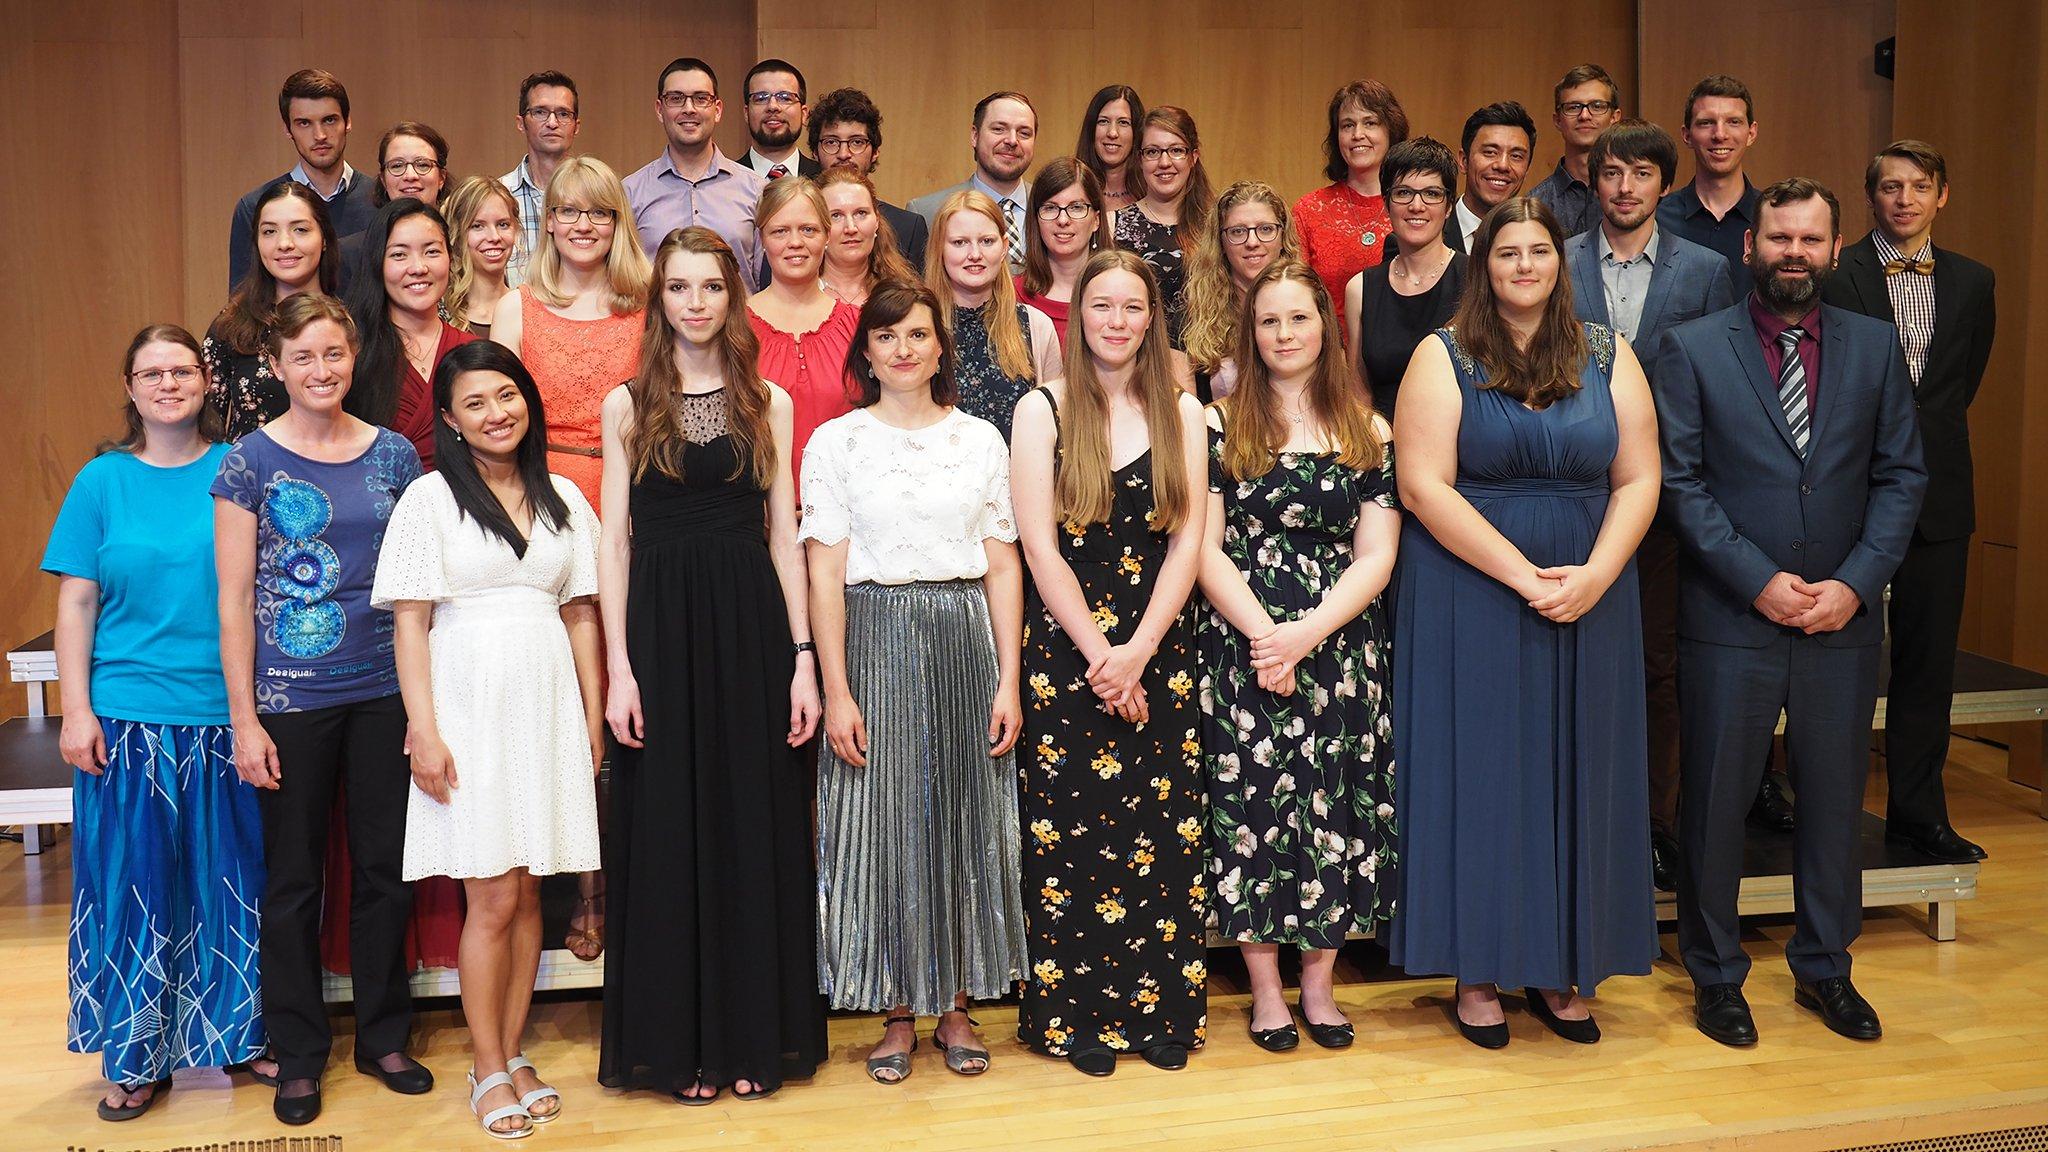 Absolventinnen und Absolventen 2019 des Theologischen Seminars St. Chrischona (tsc)